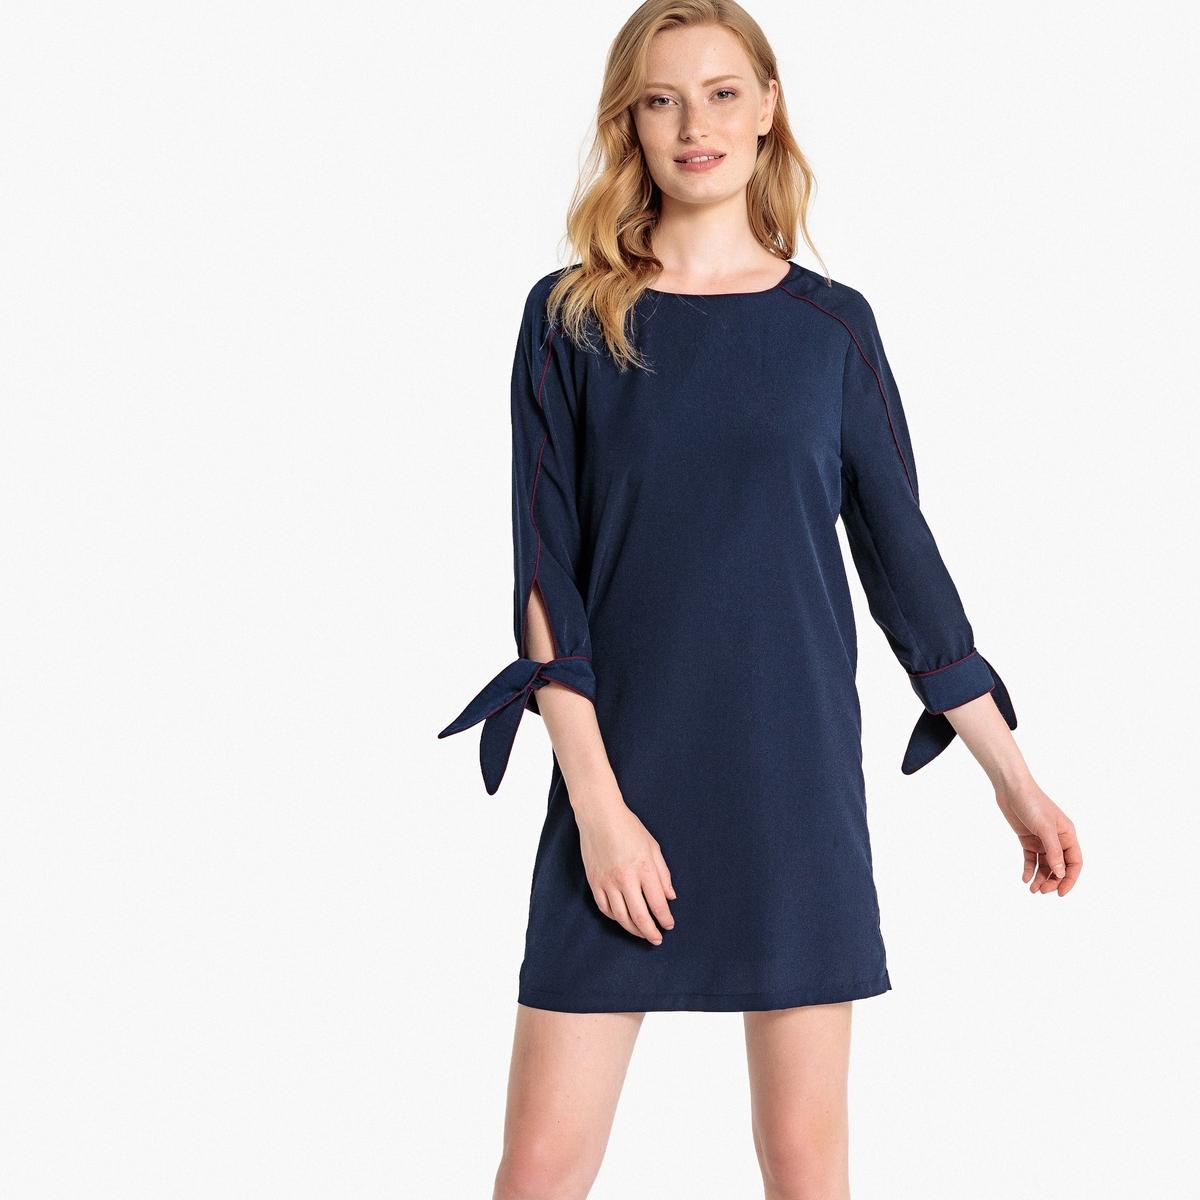 Платье La Redoute Прямое с бантиками на рукавах 36 (FR) - 42 (RUS) синий